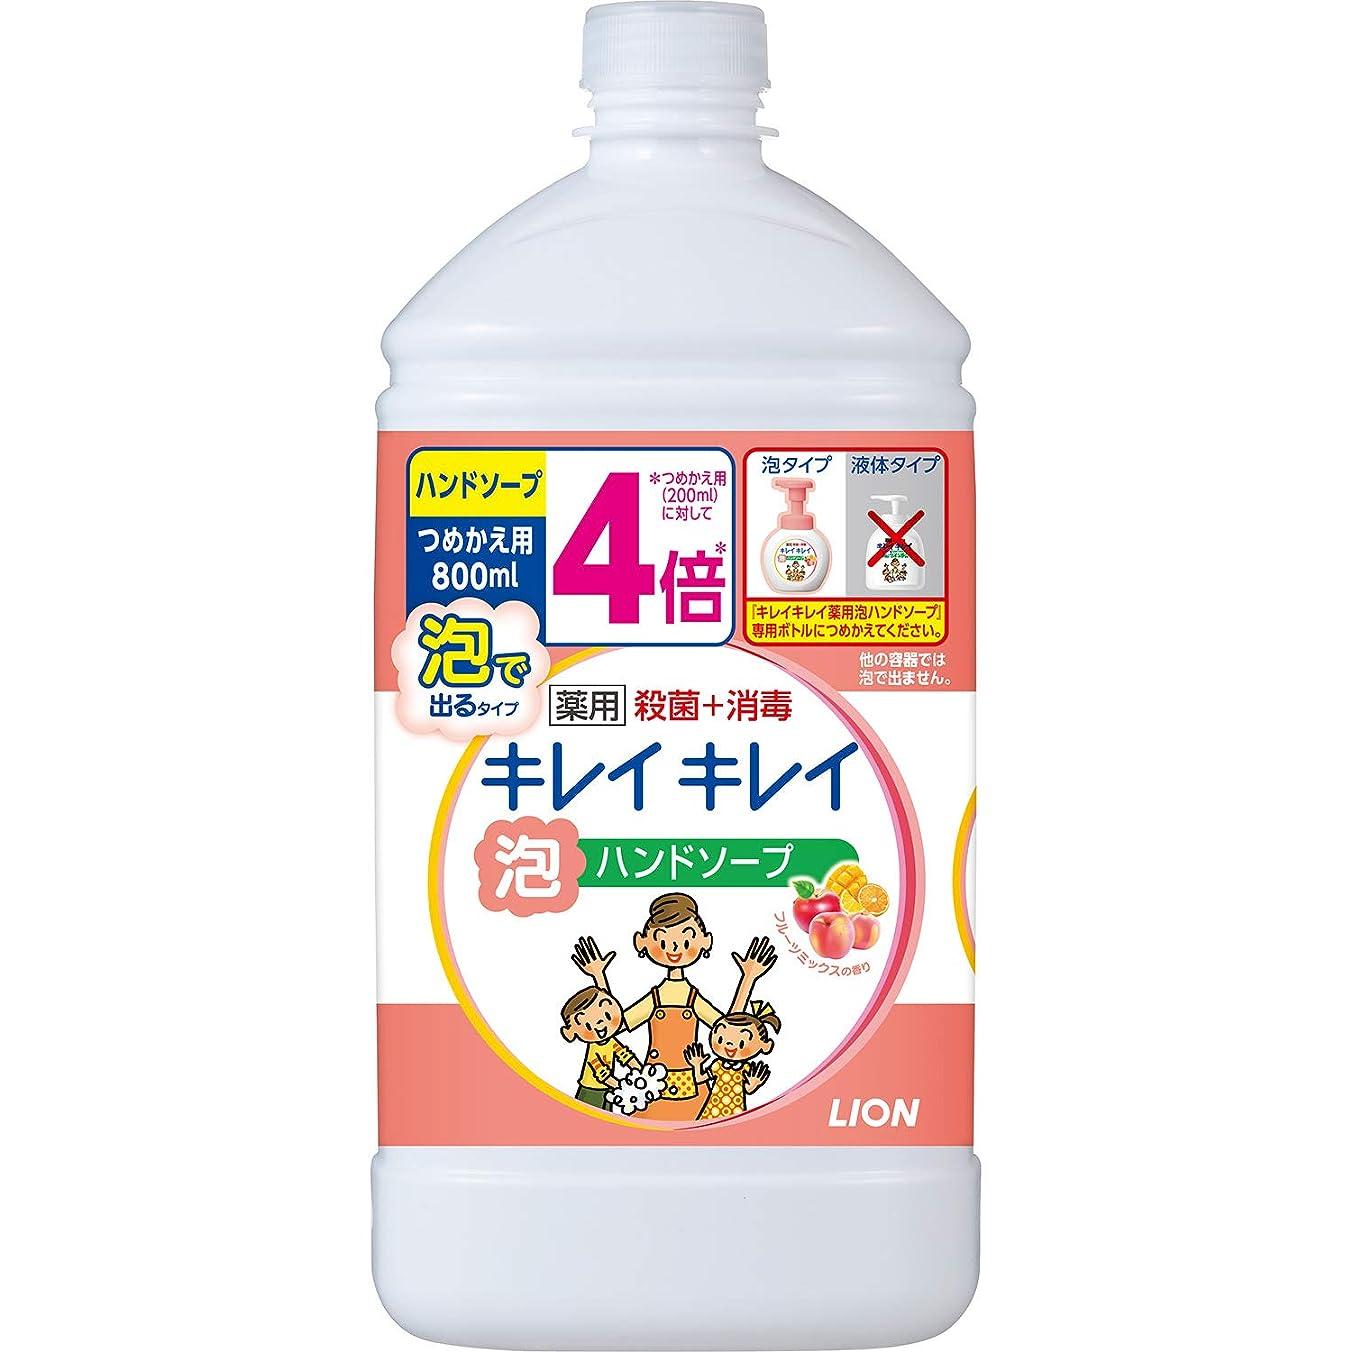 特徴試してみるビン(医薬部外品)【大容量】キレイキレイ 薬用 泡ハンドソープ フルーツミックスの香り 詰め替え用 800ml